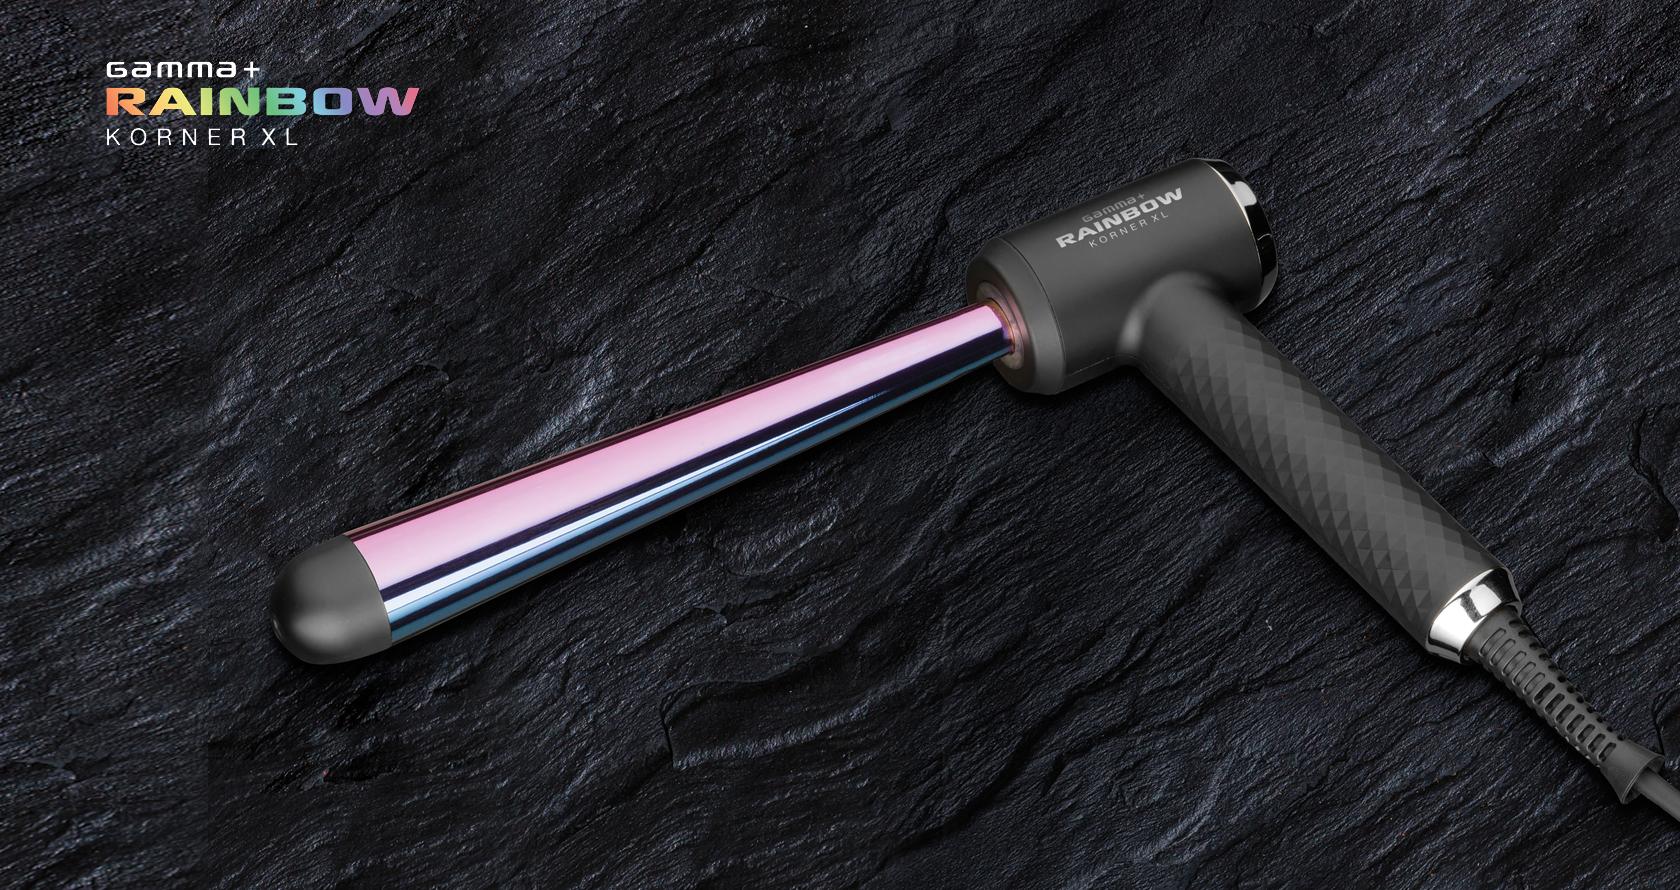 Ferro professionale antistatico dalla forma esclusiva e con impugnatura ergonomica